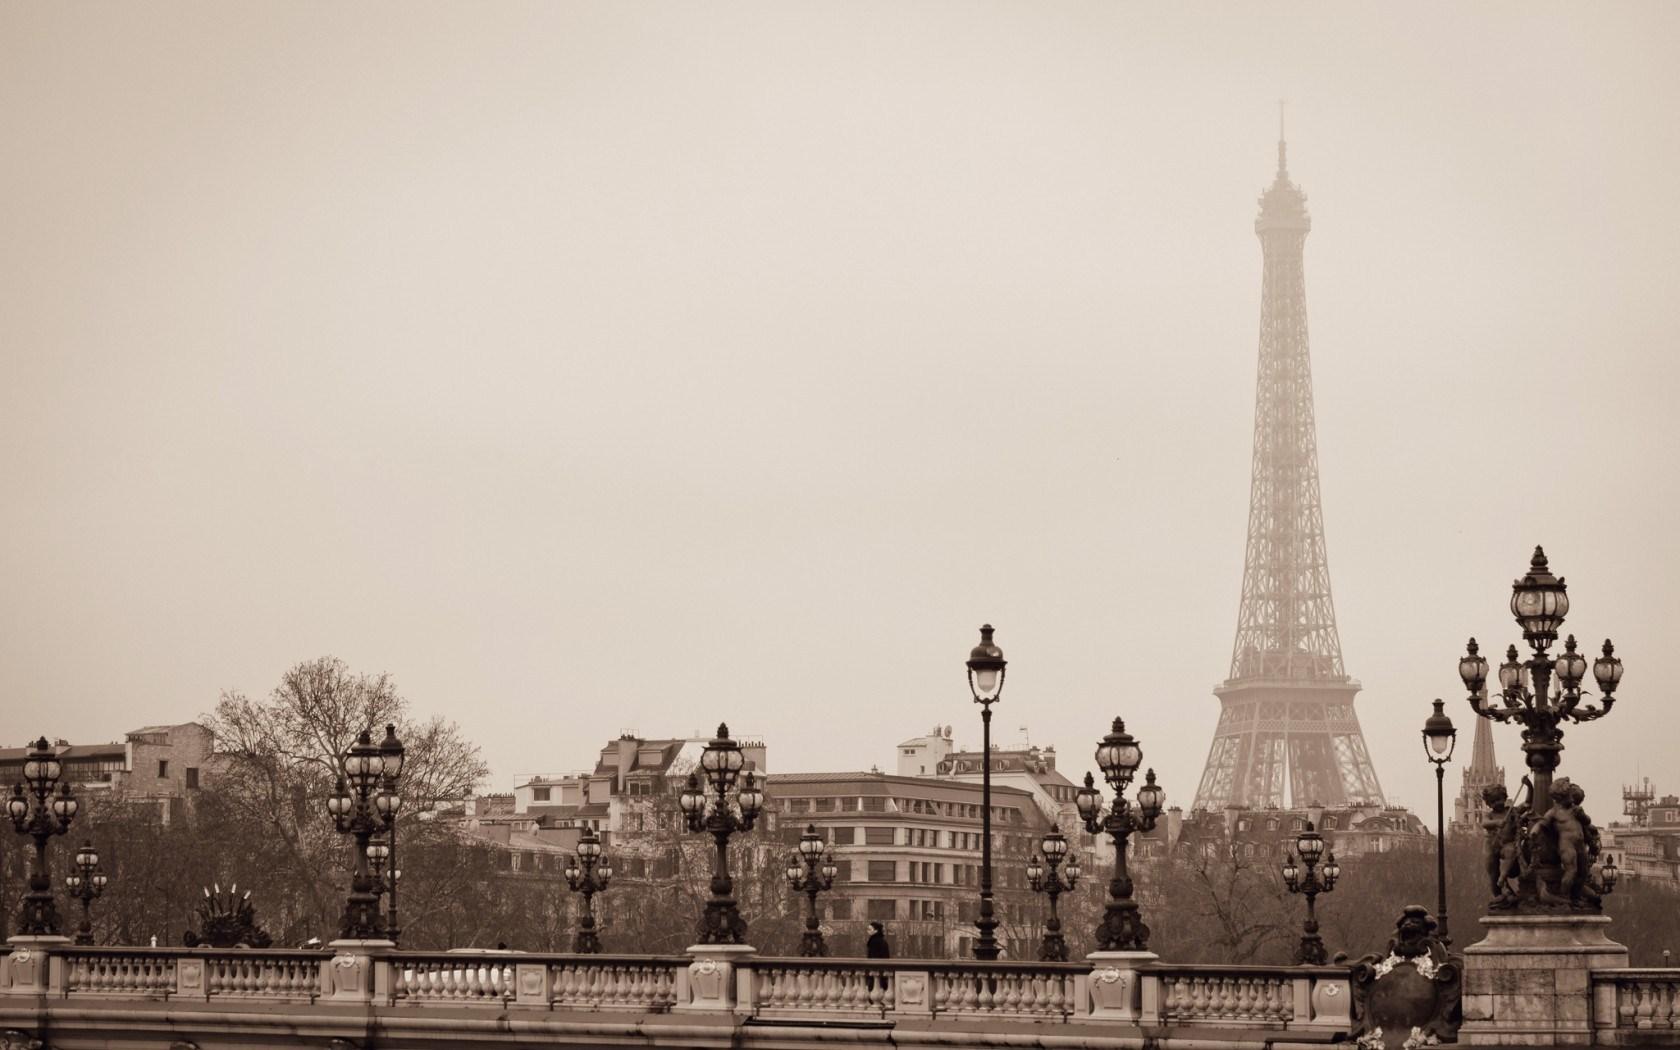 Eiffel Tower Paris France 1680 x 1050 Download Close 1680x1050